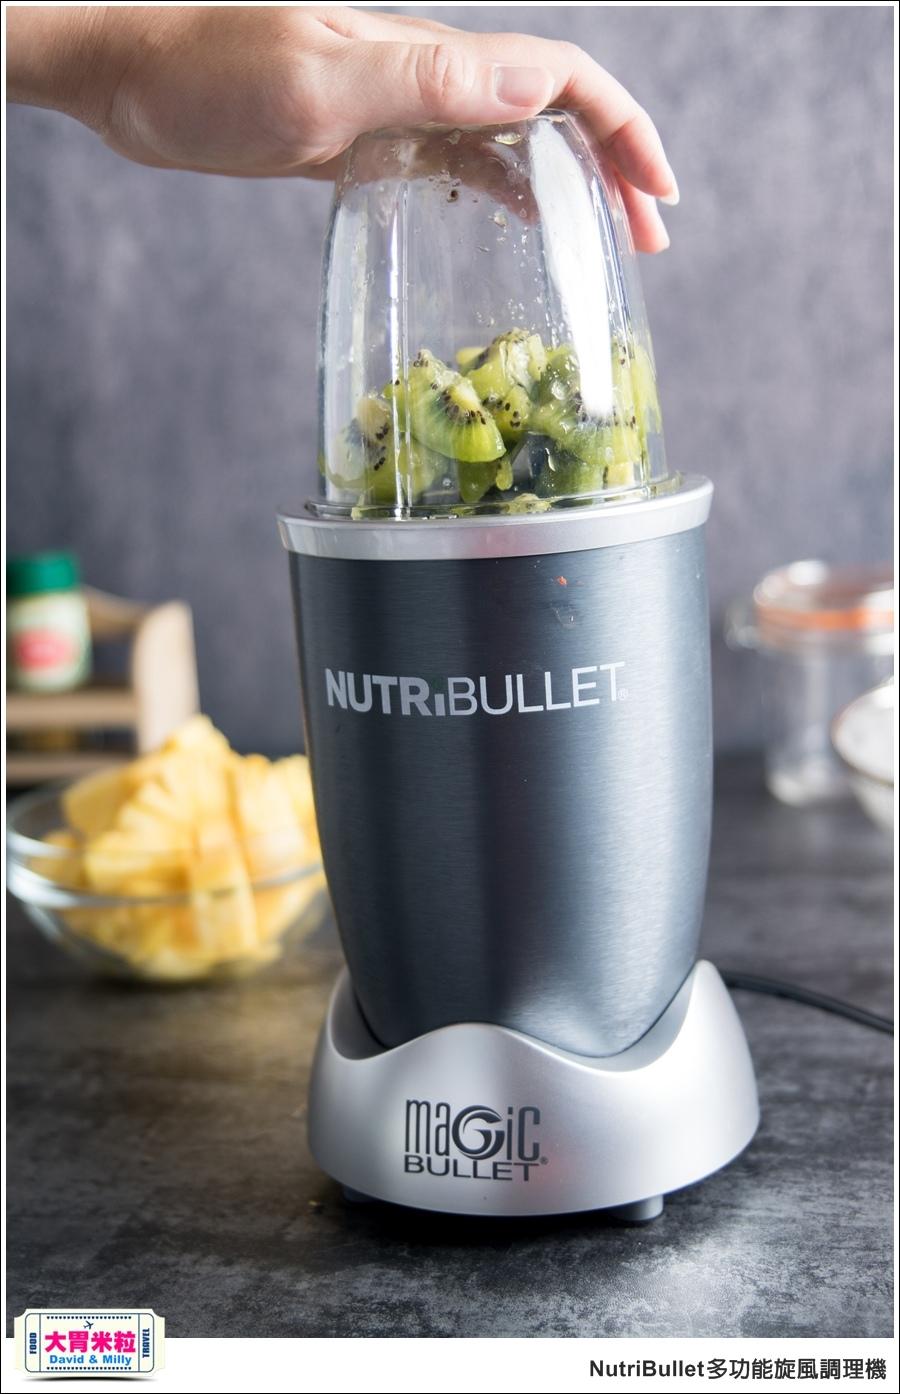 食物調理機推薦@美國NutriBullet高效精萃多功能旋風調理機@大胃米粒_013.jpg